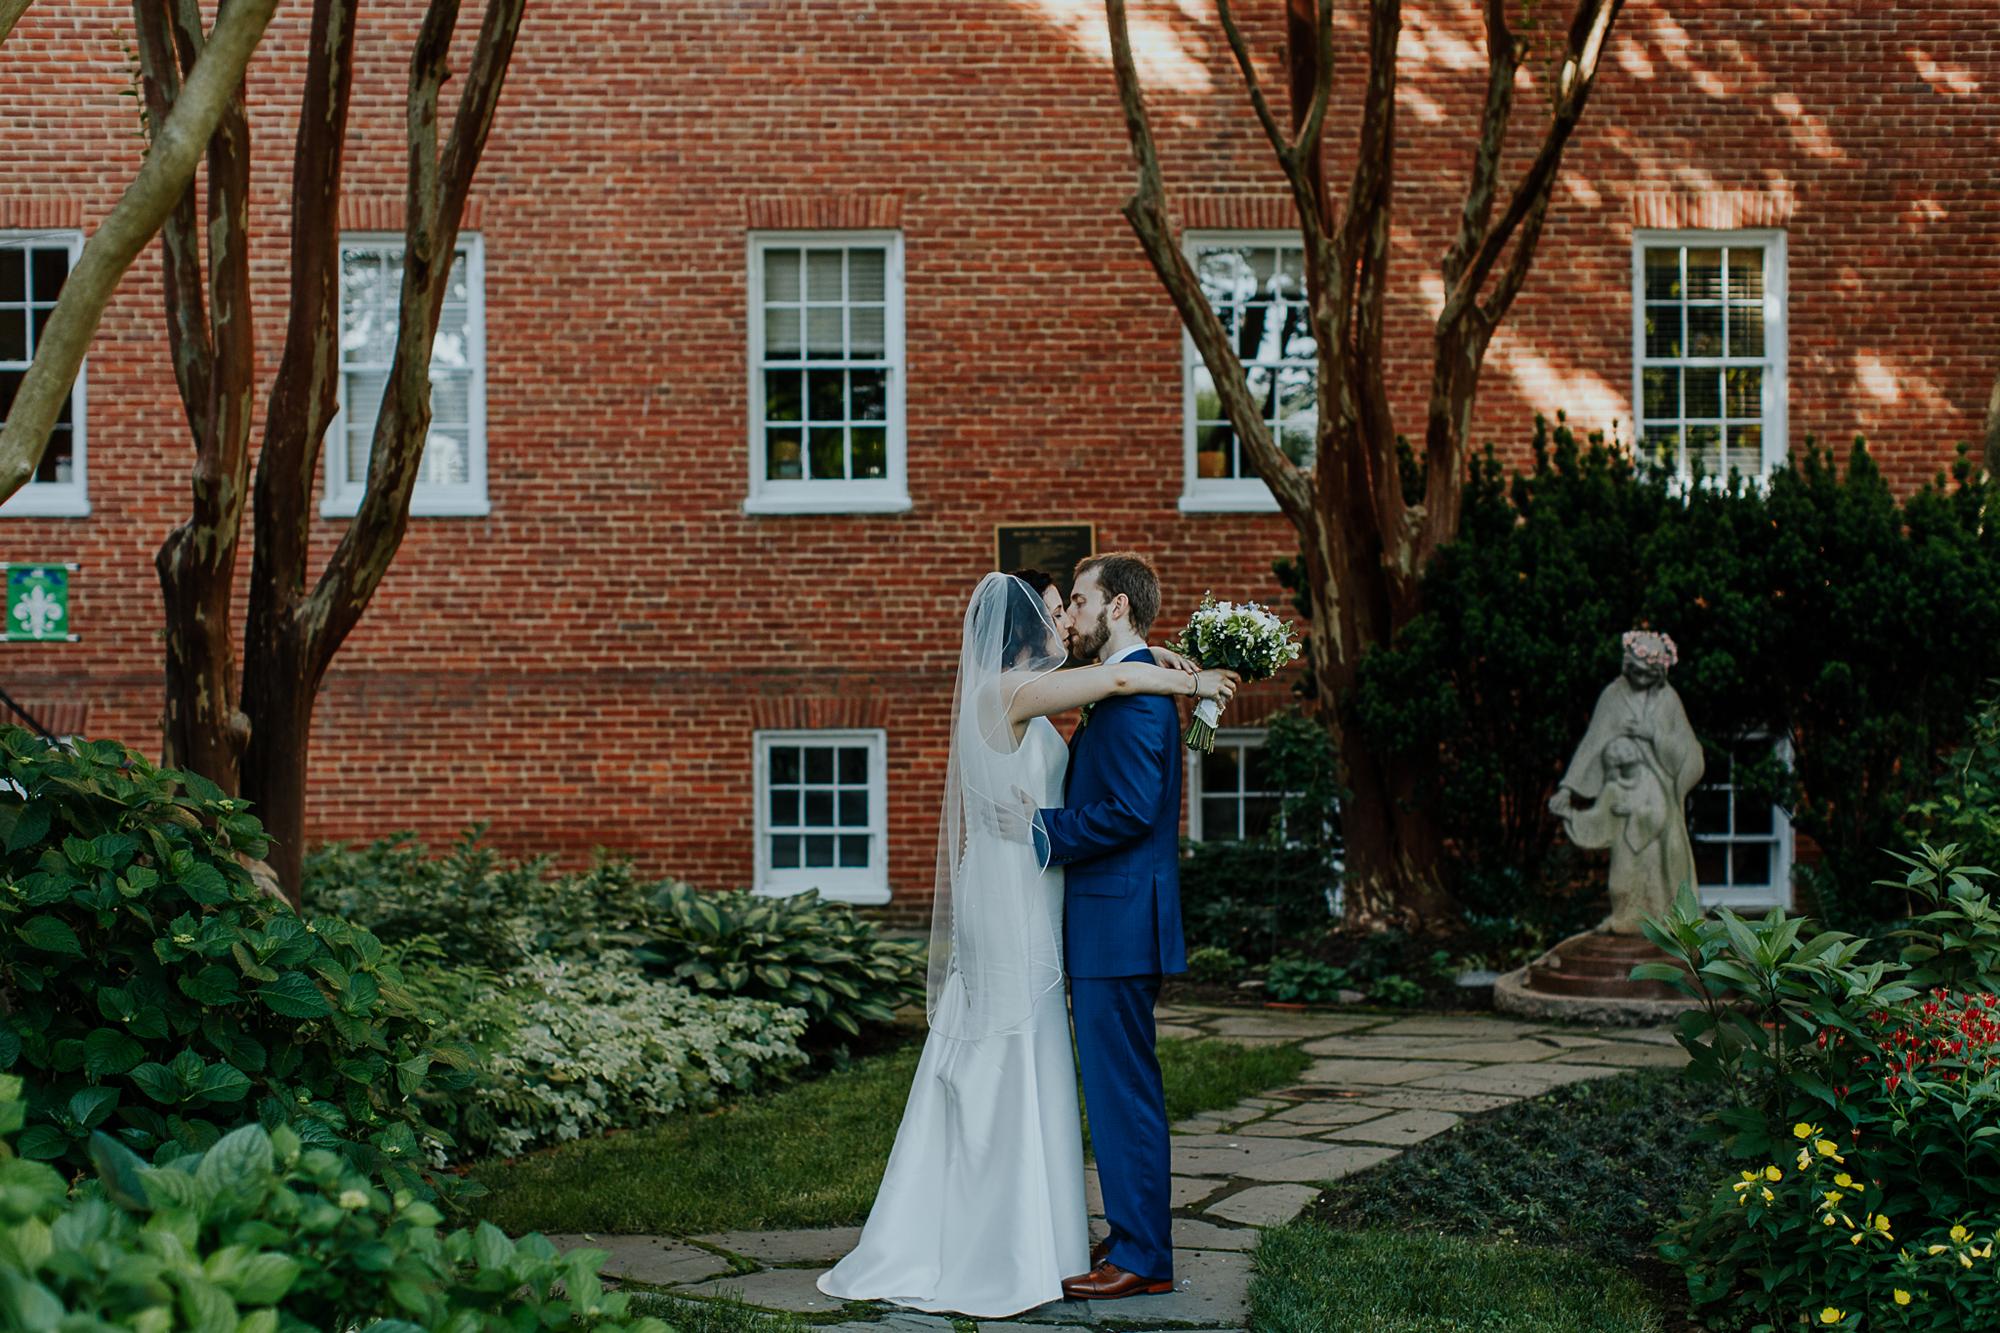 065-annapolis_courthouse_wedding.jpg